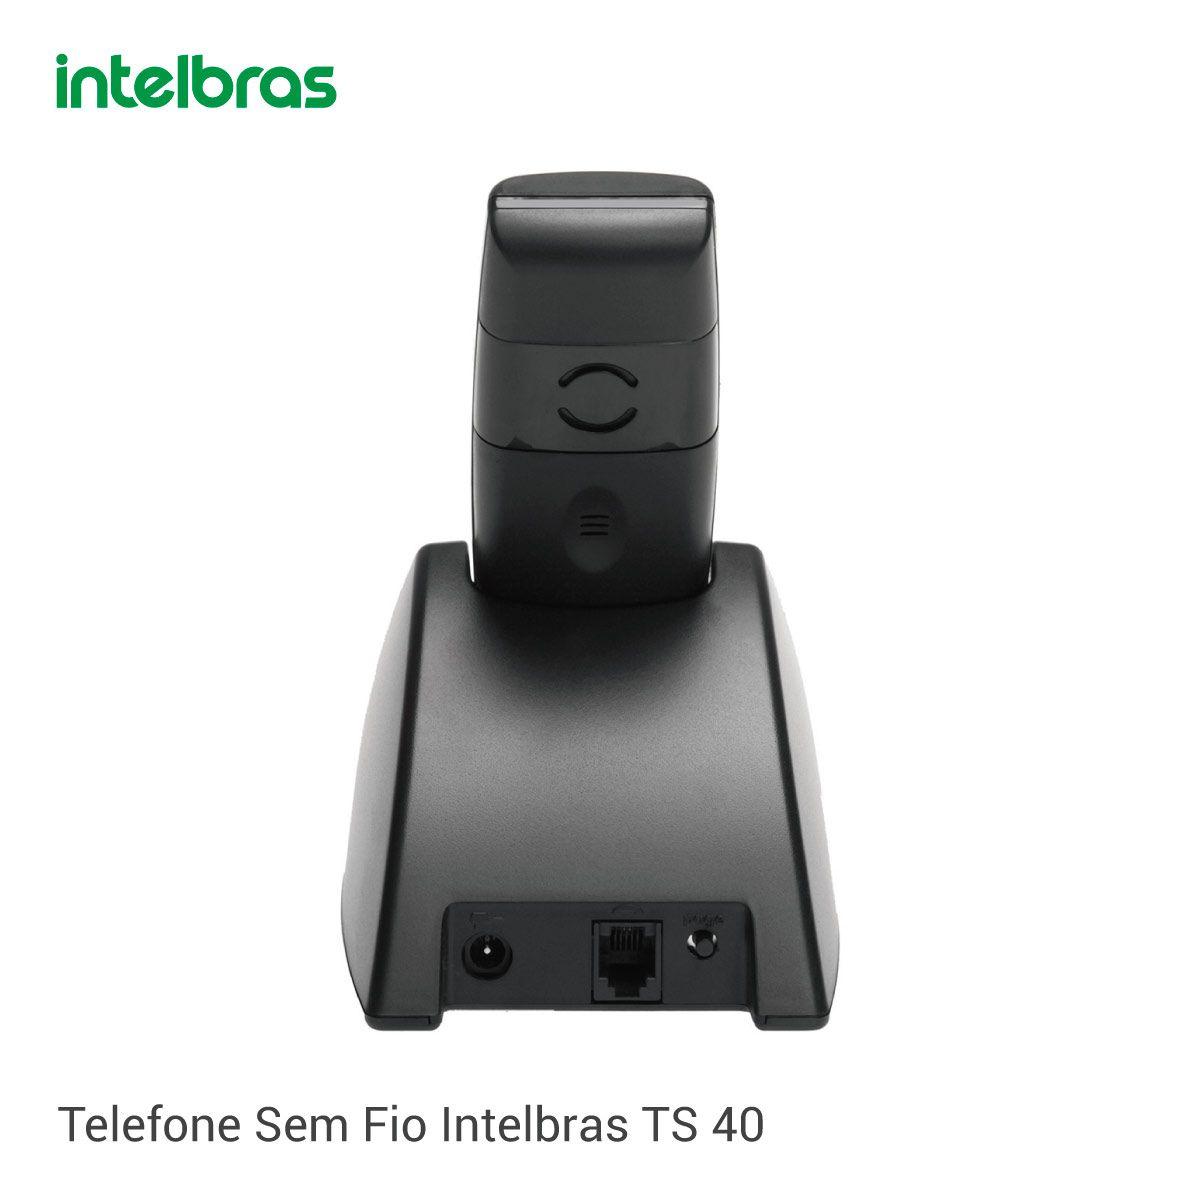 Telefone Sem Fio Intelbras TS 40 ID - Identificador de Chamada Preto  - GO AUTOMAÇÃO